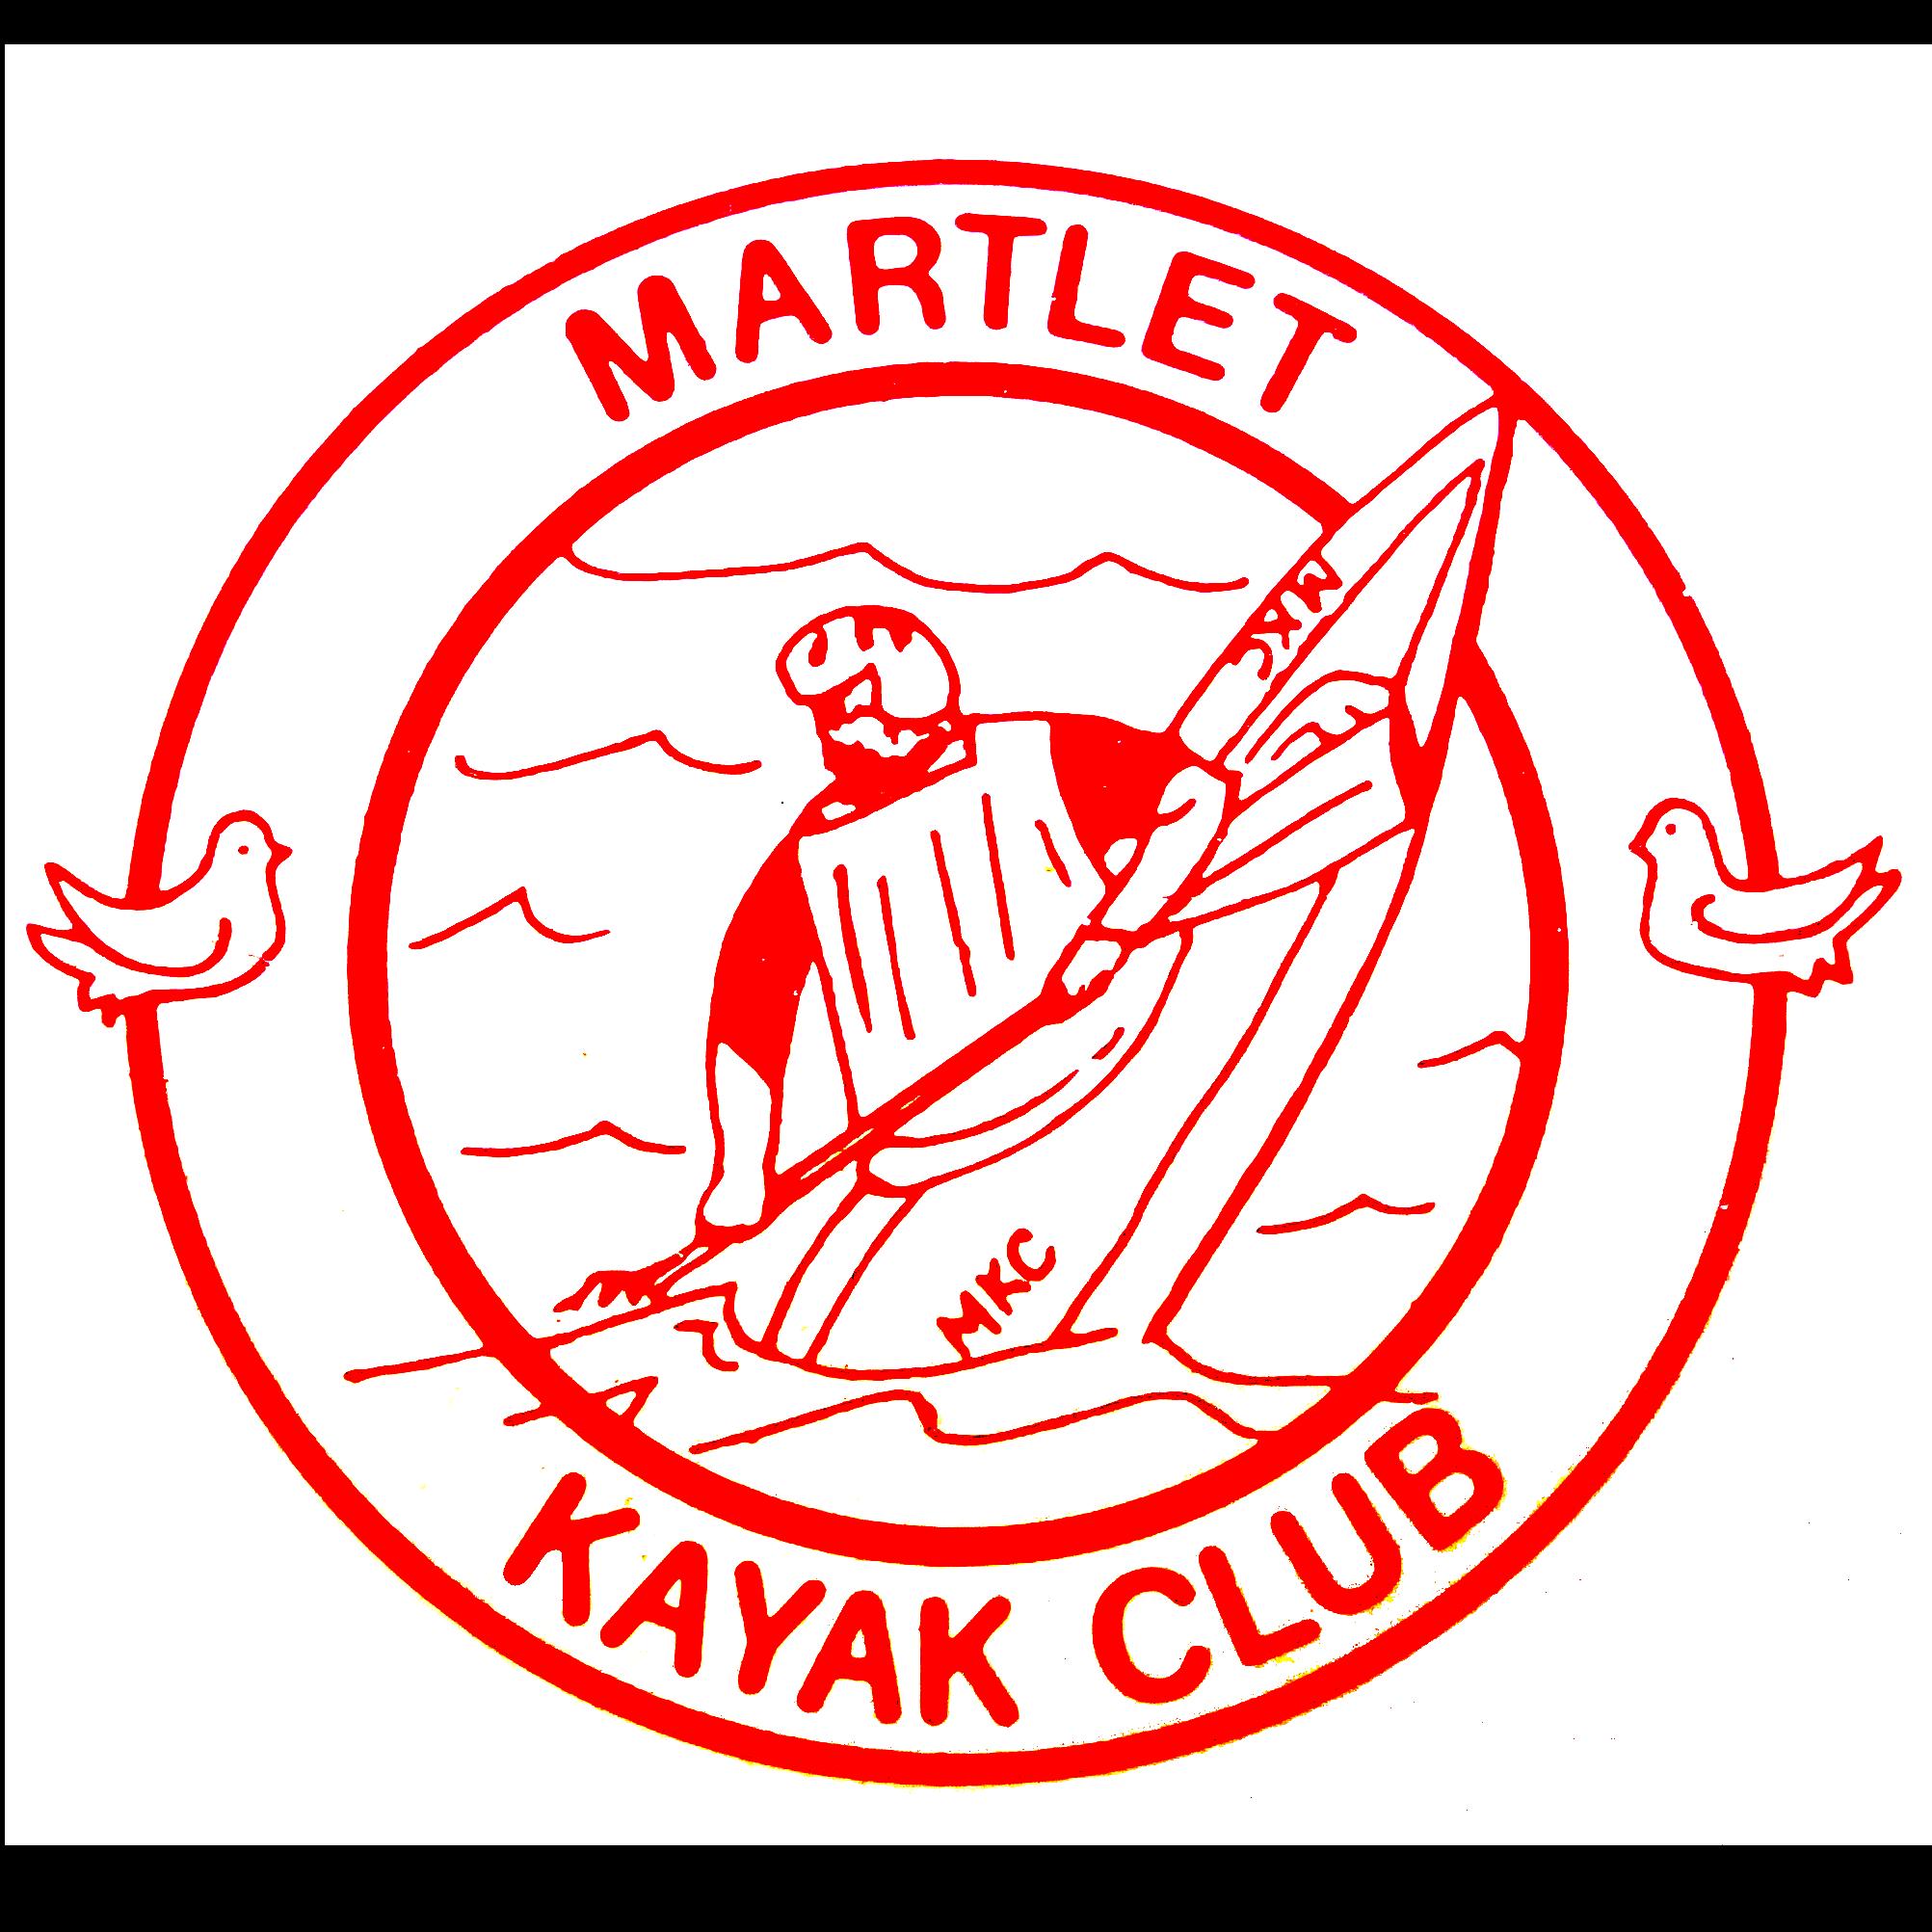 Martlet Kayak Club logo